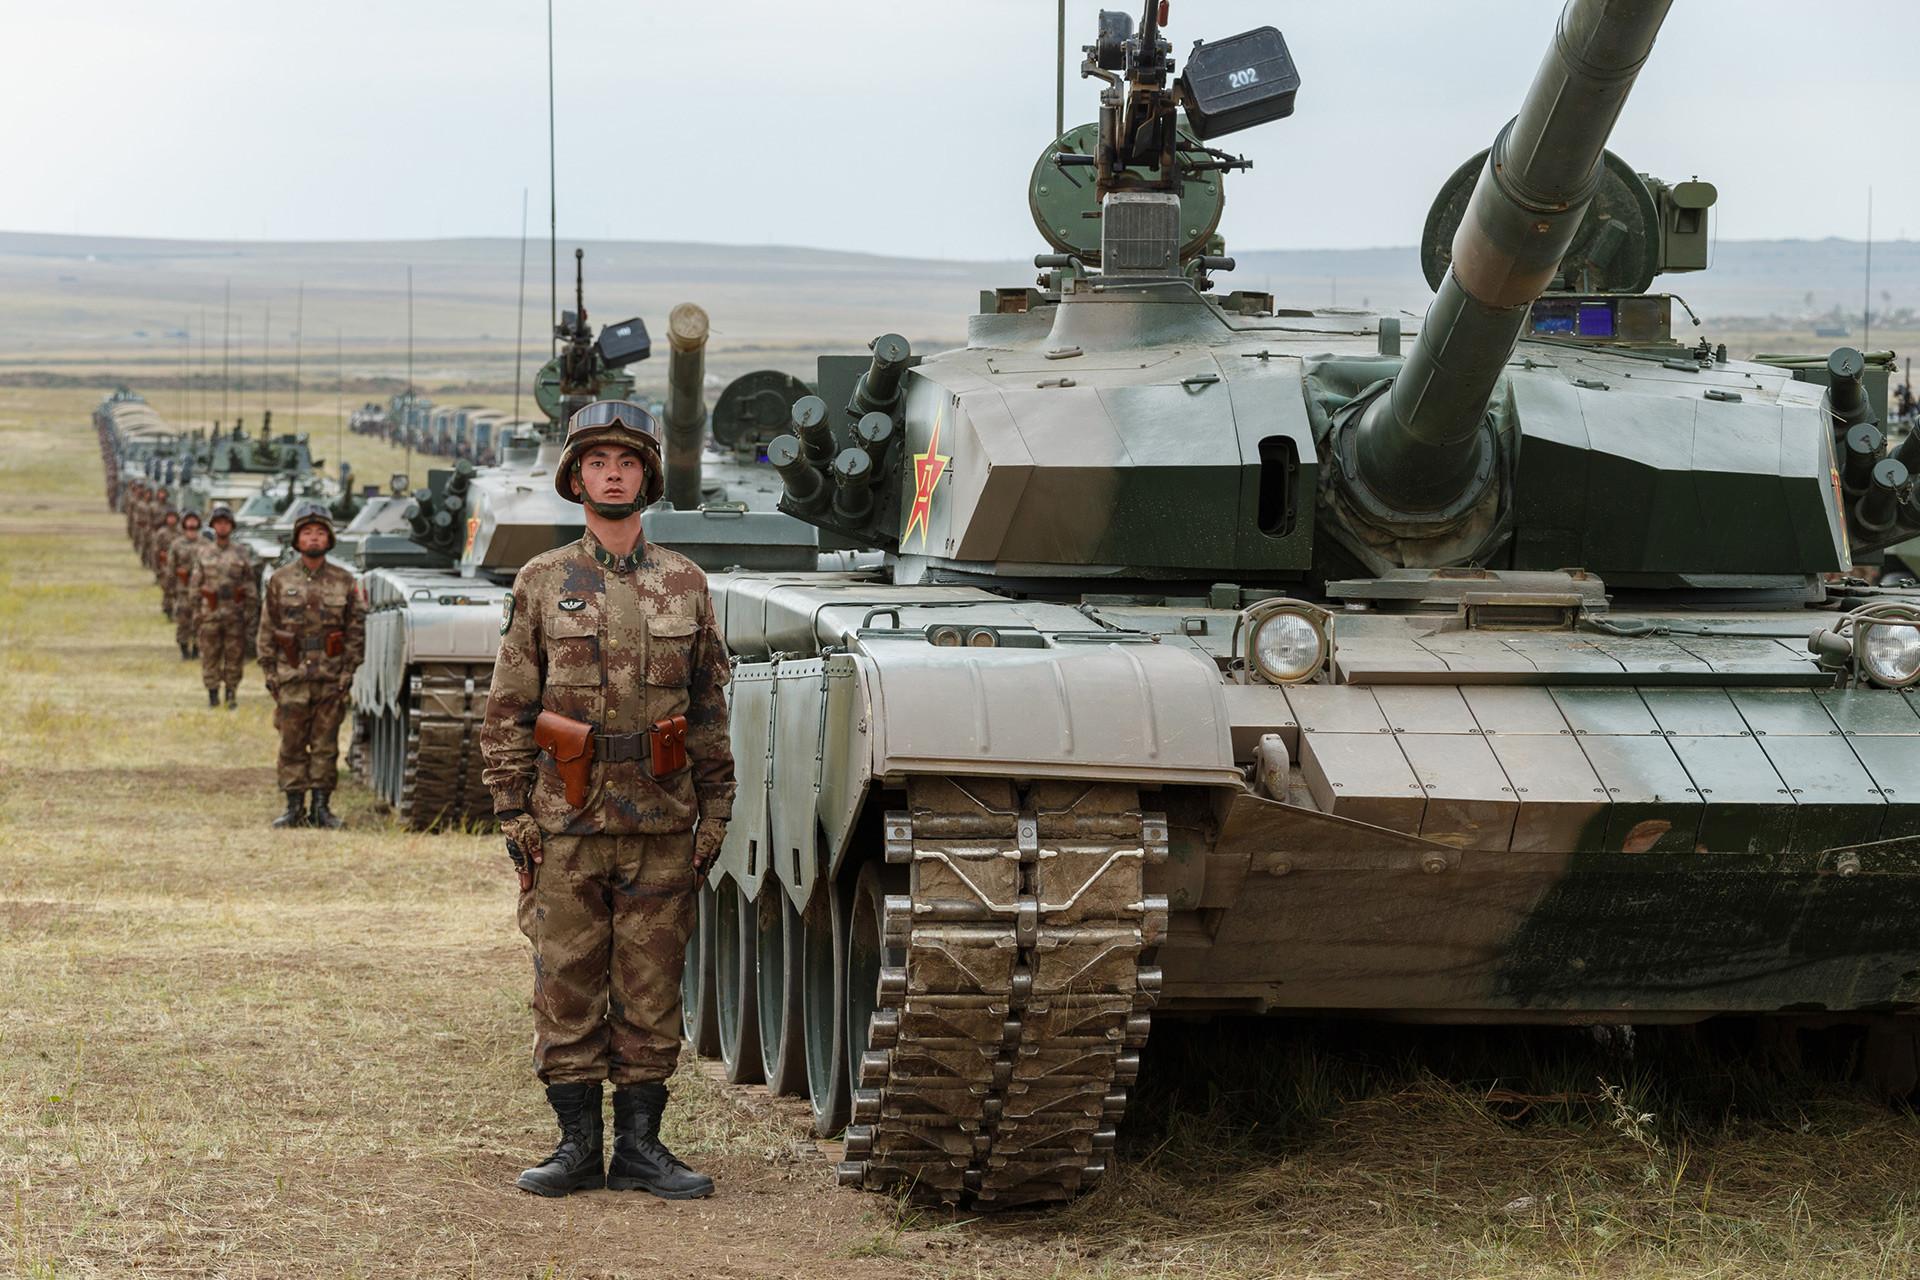 中国人民解放軍陸軍の主力戦車「T-96A」(ZTZ-96A)。ツゴル演習場での露中合同軍事演習「ボストーク2018」に参加した車両・航空機によるパレードにて。